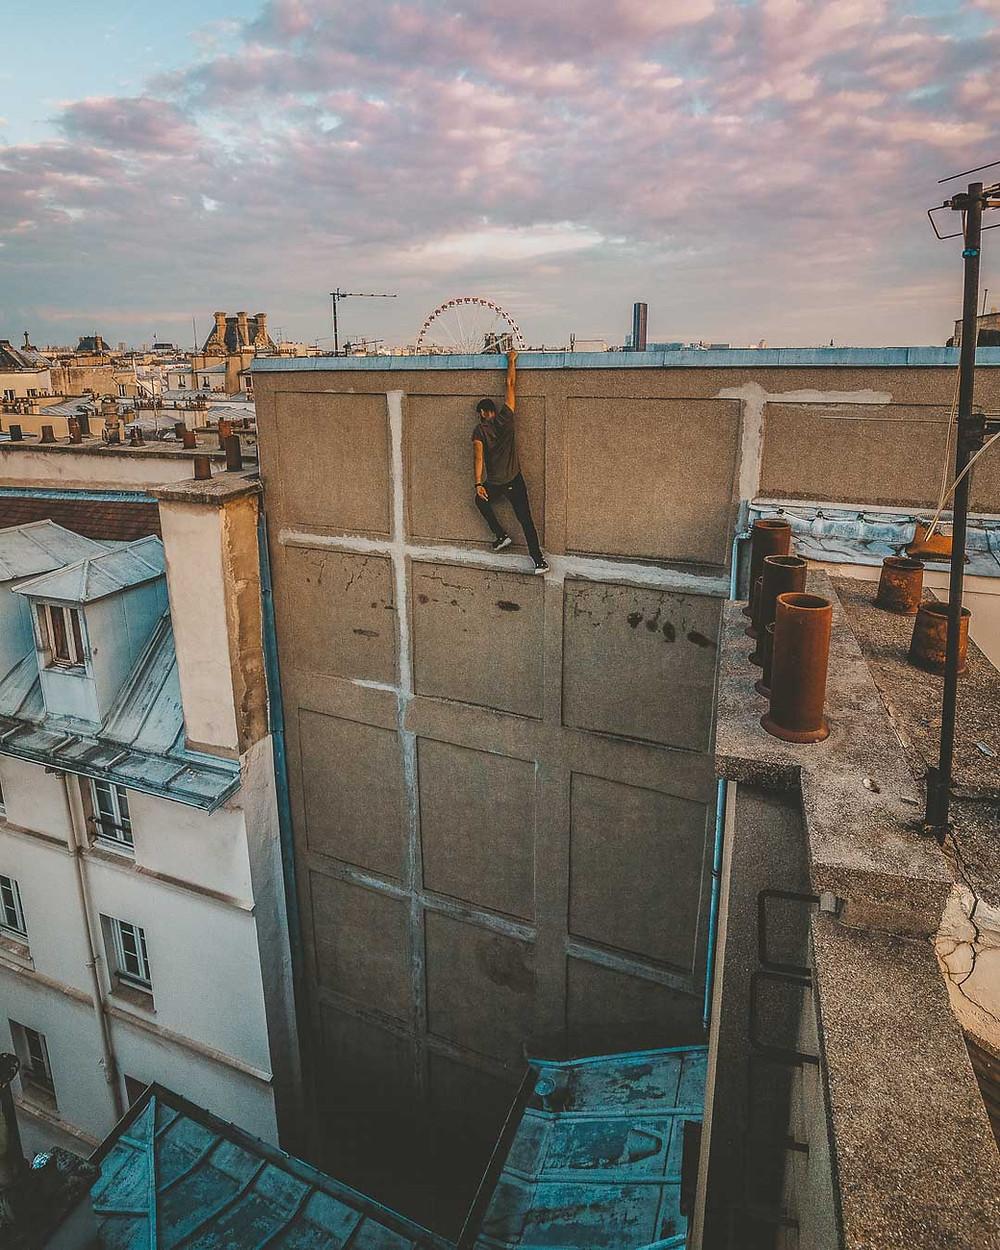 Robin en suspension sur le bord d'un toit